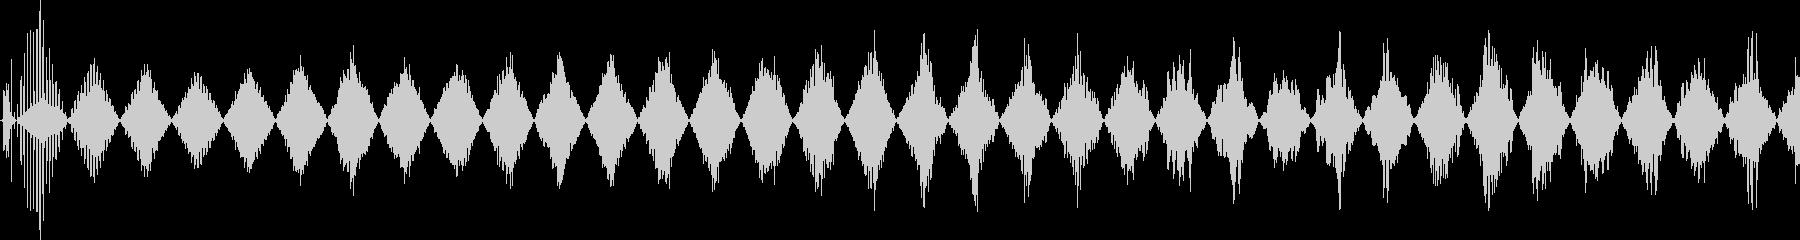 高トリリングパワーアップの未再生の波形